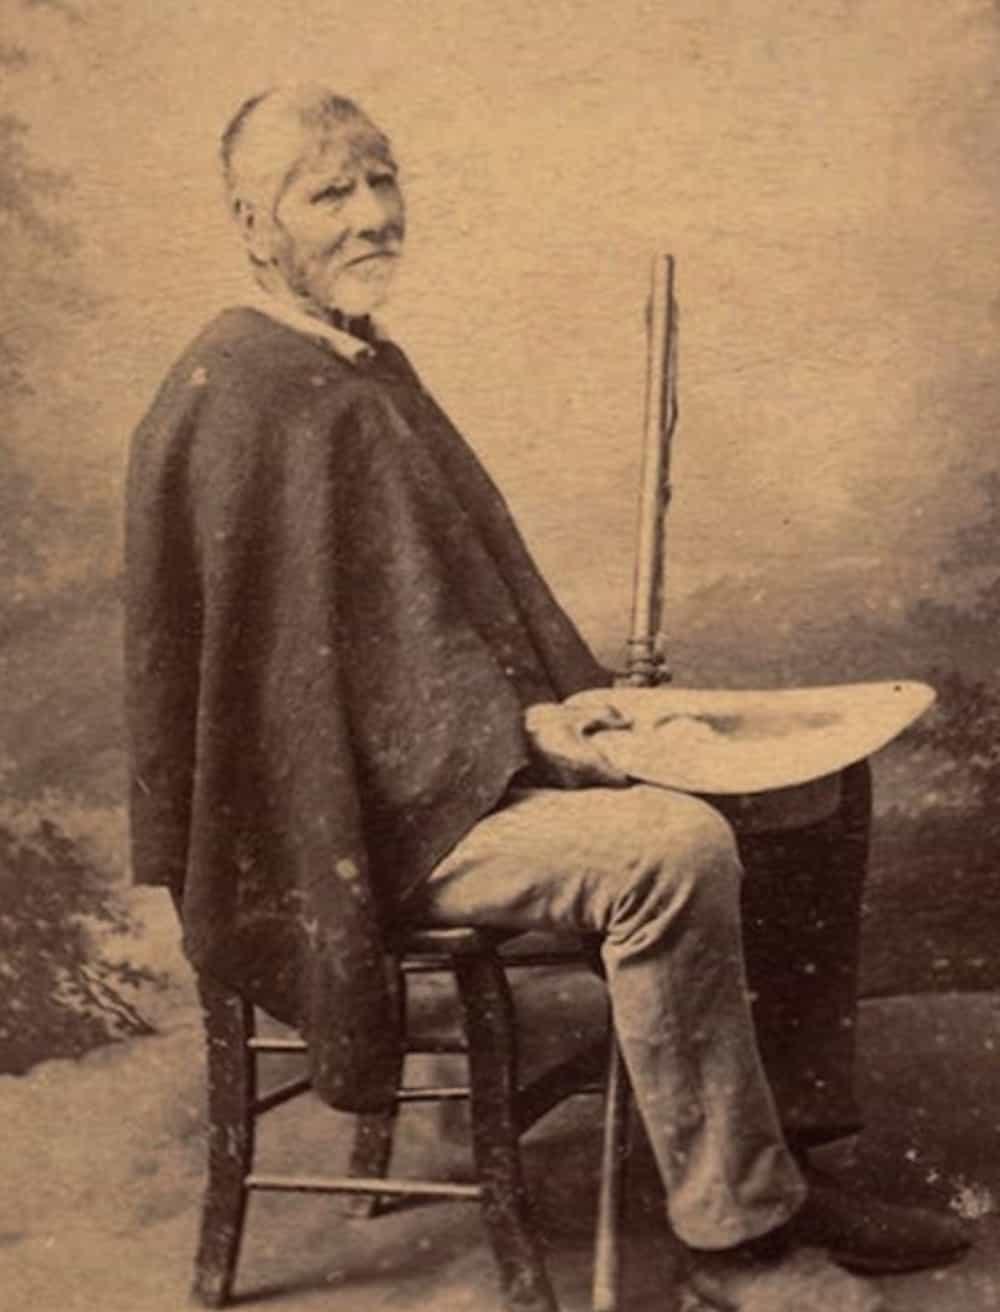 Fotografía de Pedro Pascasio Martínez Rojas en su ancianidad, con la humildad en que siempre vivió. Foto: archivo particular